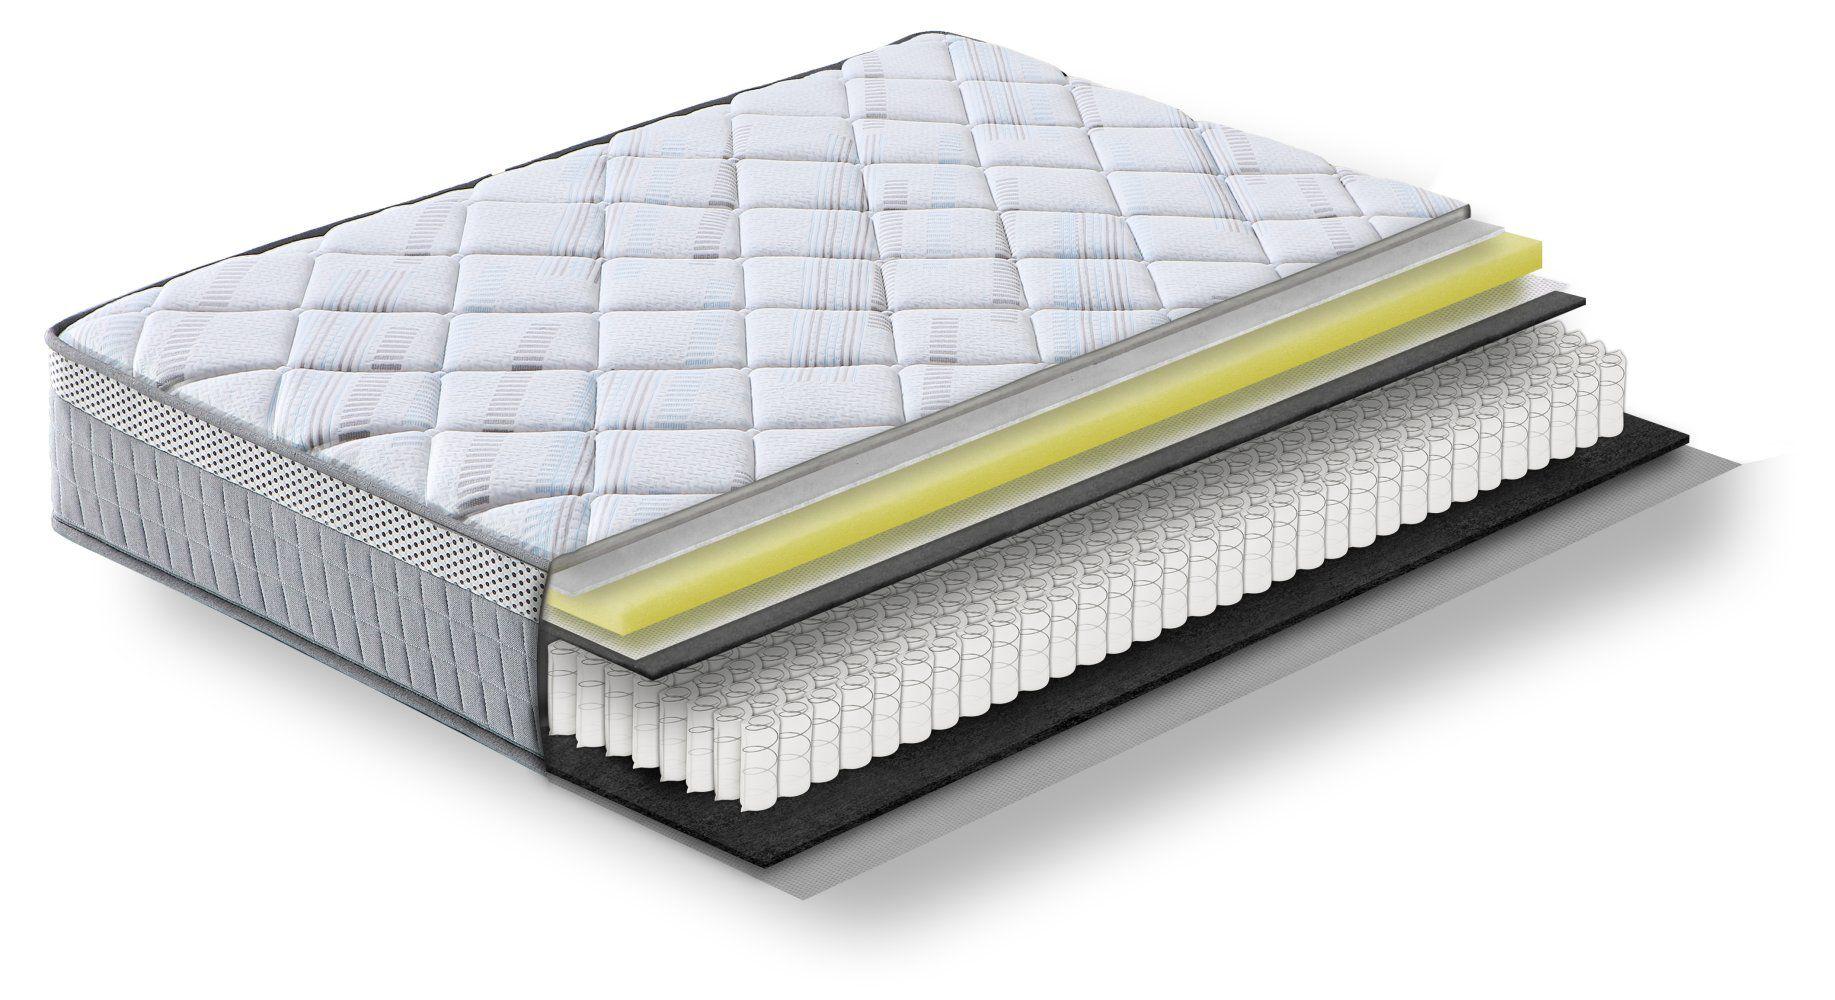 Steiner Premium Matratze Wonder mit Taschenfederkern - Größe: 140 x 200 cm, Härtegrad H3, Höhe: 25 cm